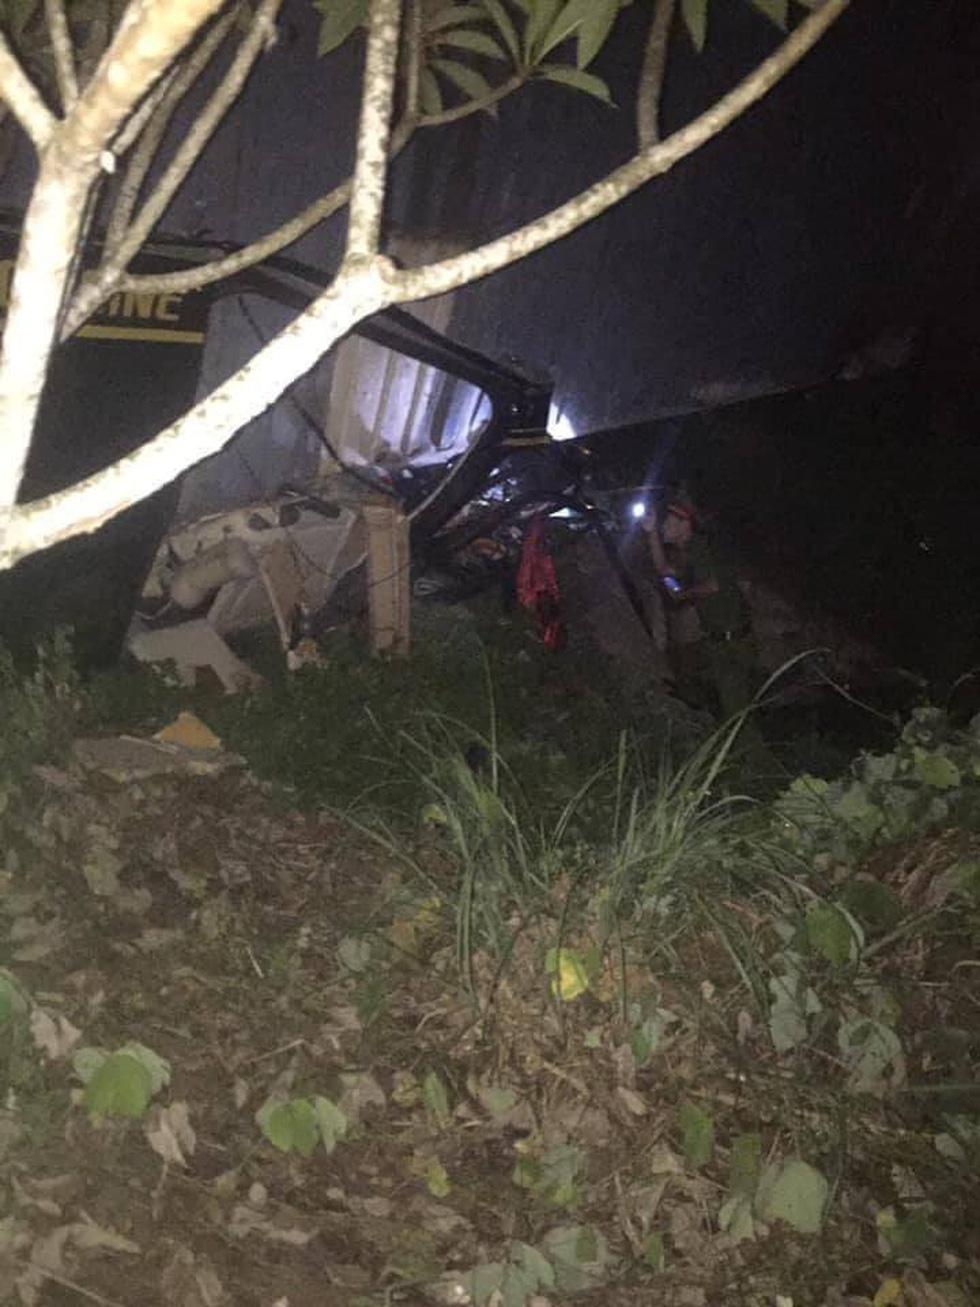 Xe 16 chỗ biển số Khánh Hòa bị xe container đè, giám đốc, thư ký và tài xế chết - Ảnh 2.